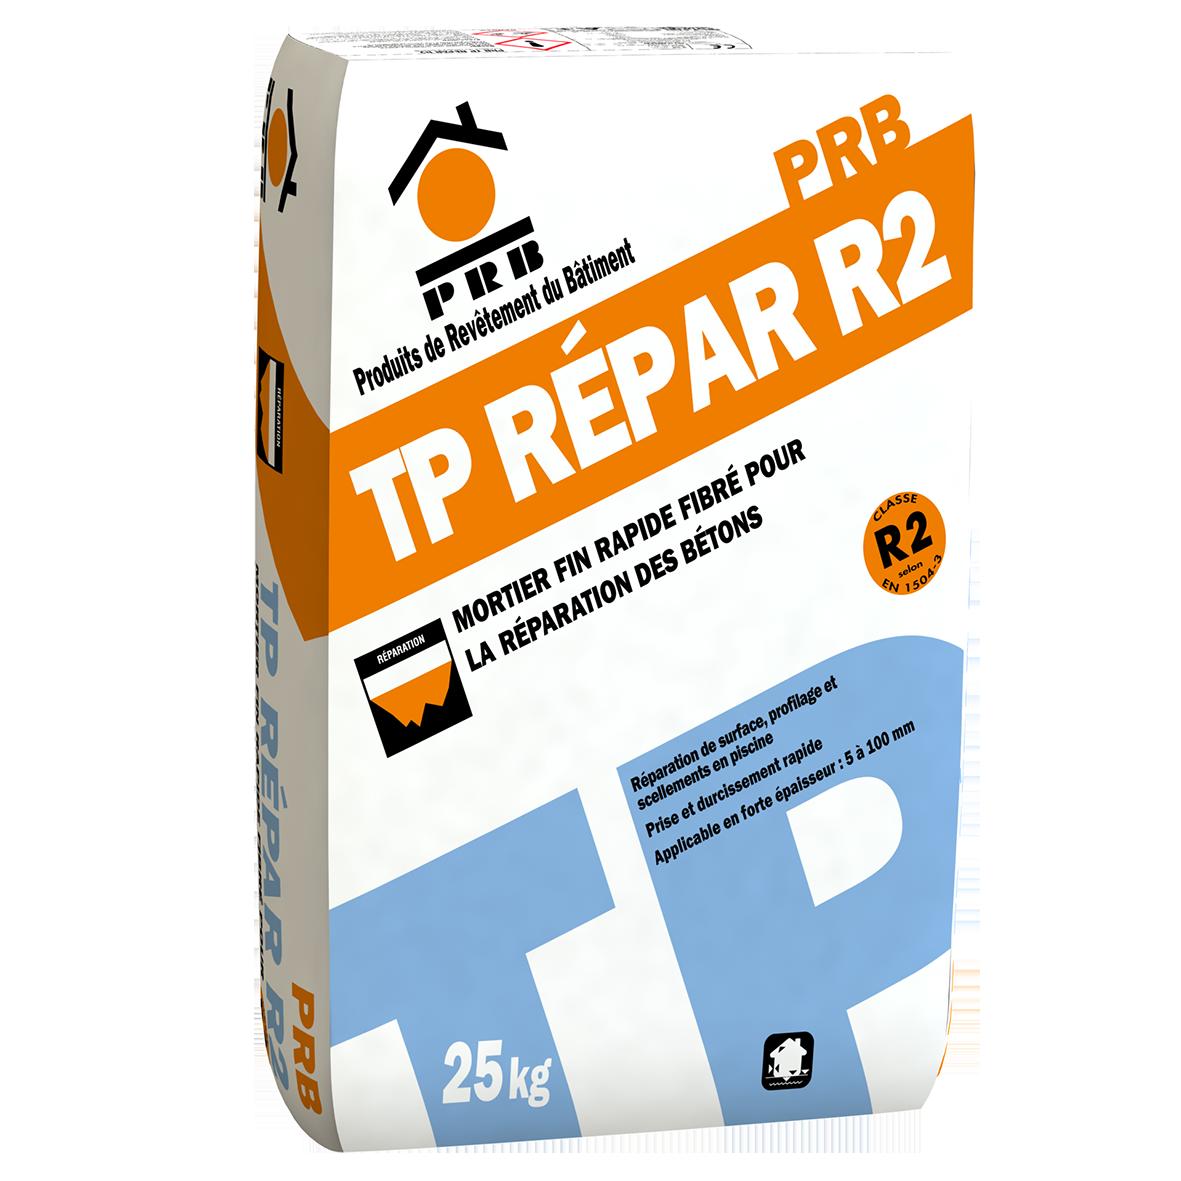 PR TP REPAR R2 25 KG